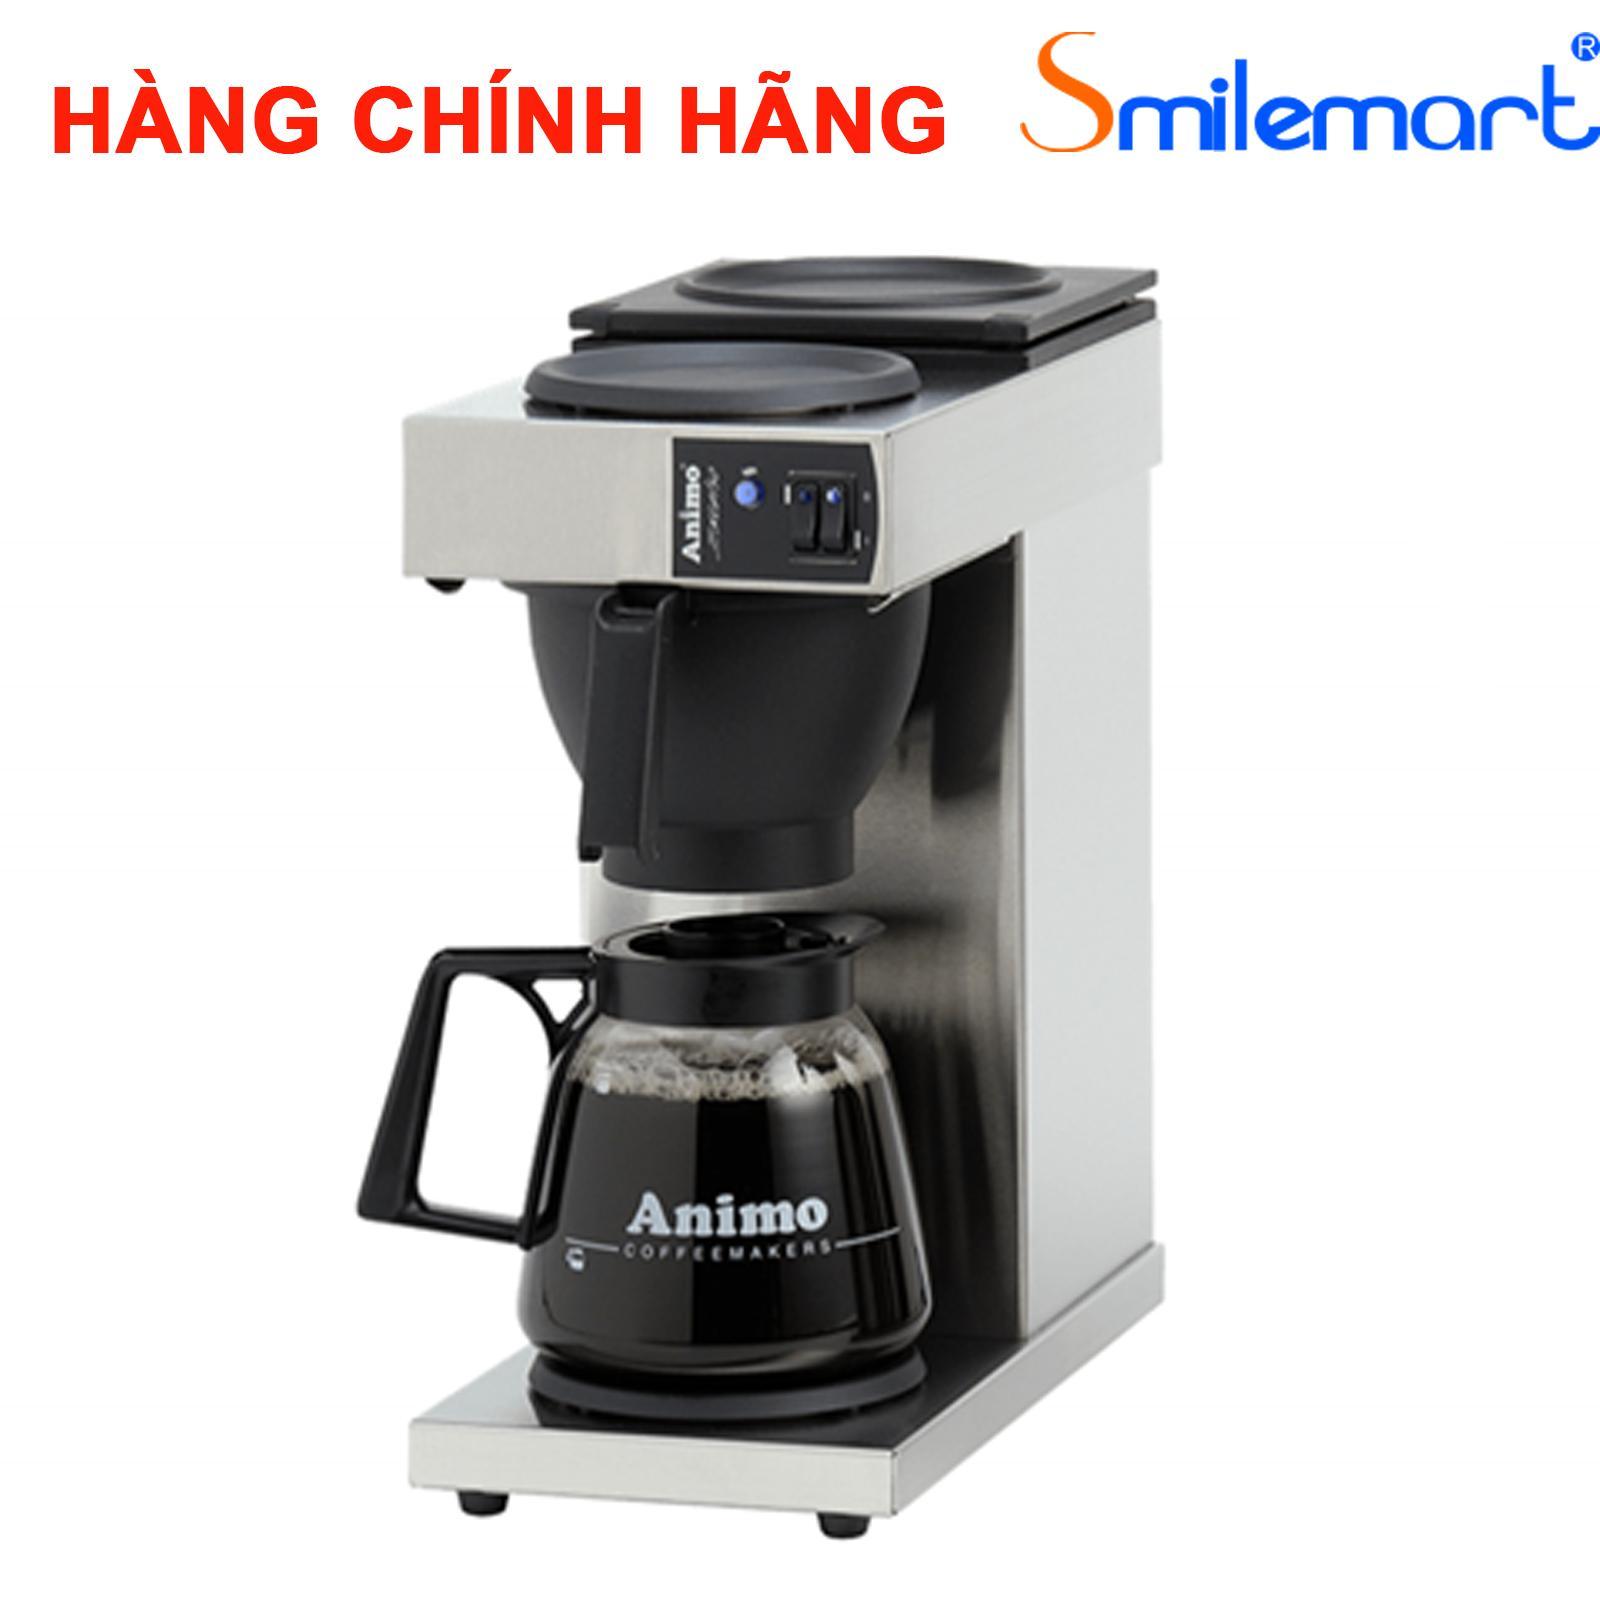 Máy pha cà phê Animo EXCELSO 1.8L